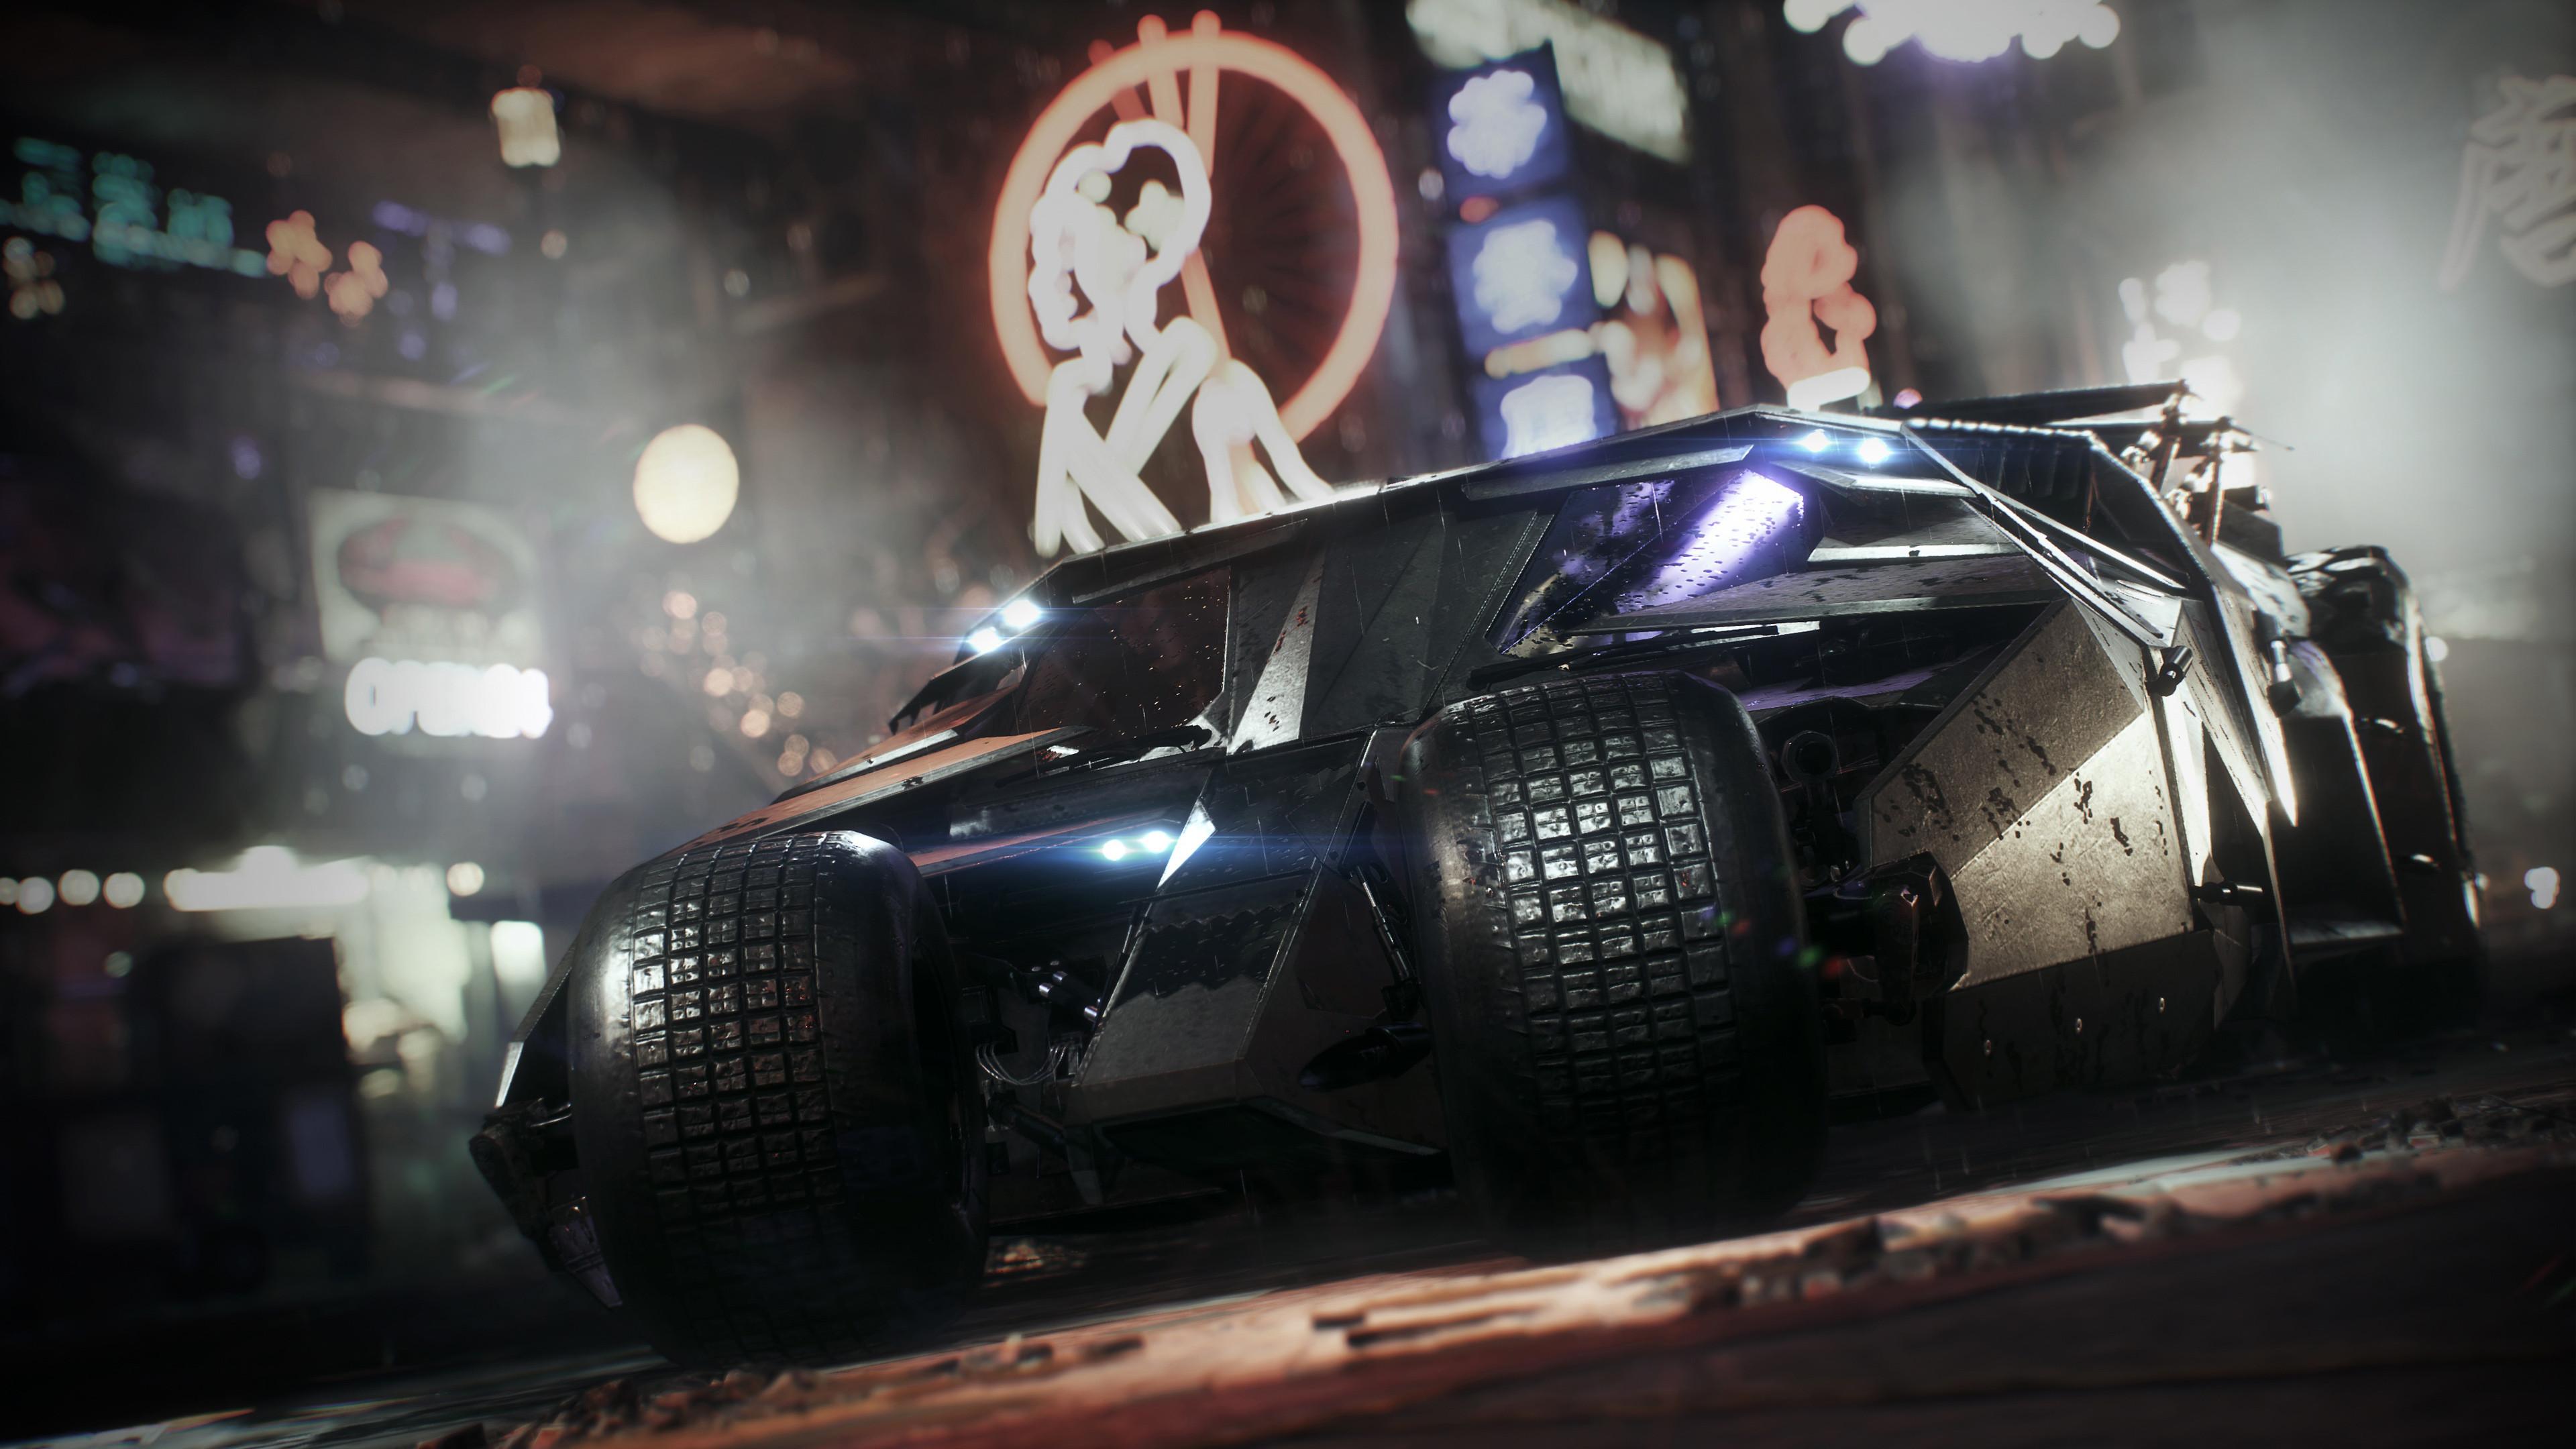 Batmobile Tumbler Wallpaper ·① WallpaperTag